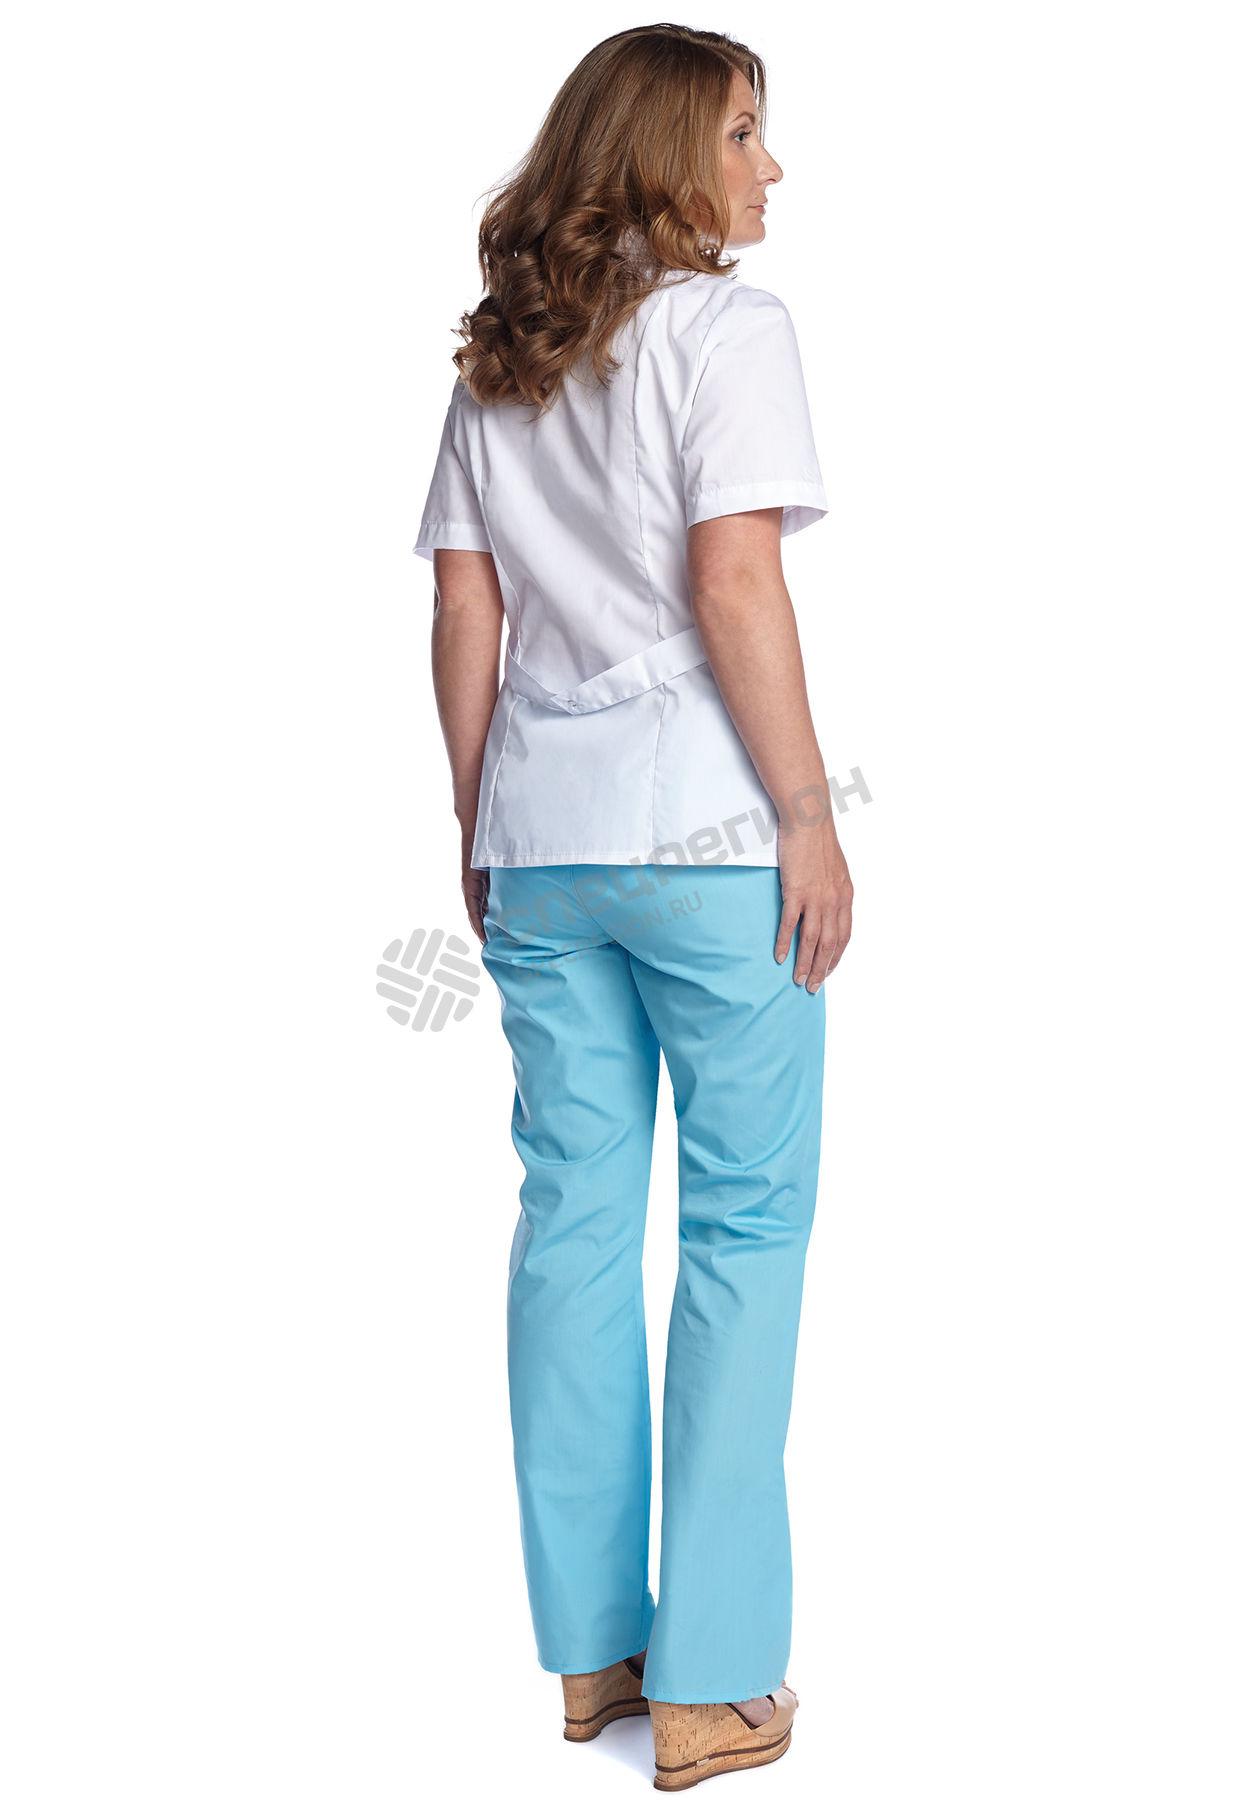 Белый лотос одежда женская